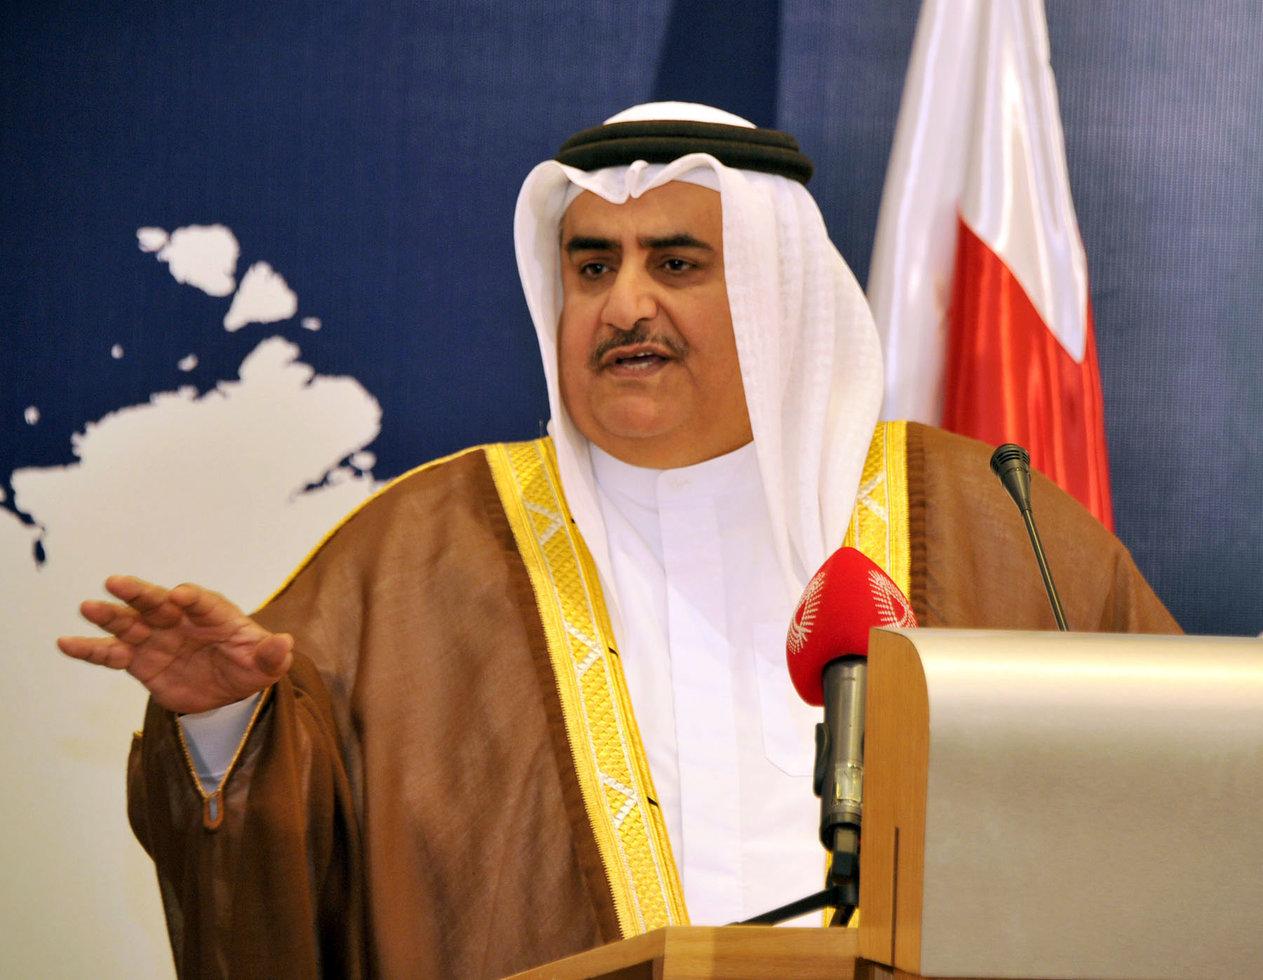 البحرين تؤكد استمرار التنسيق مع السعودية تجاه القضايا الإقليمية والدولية